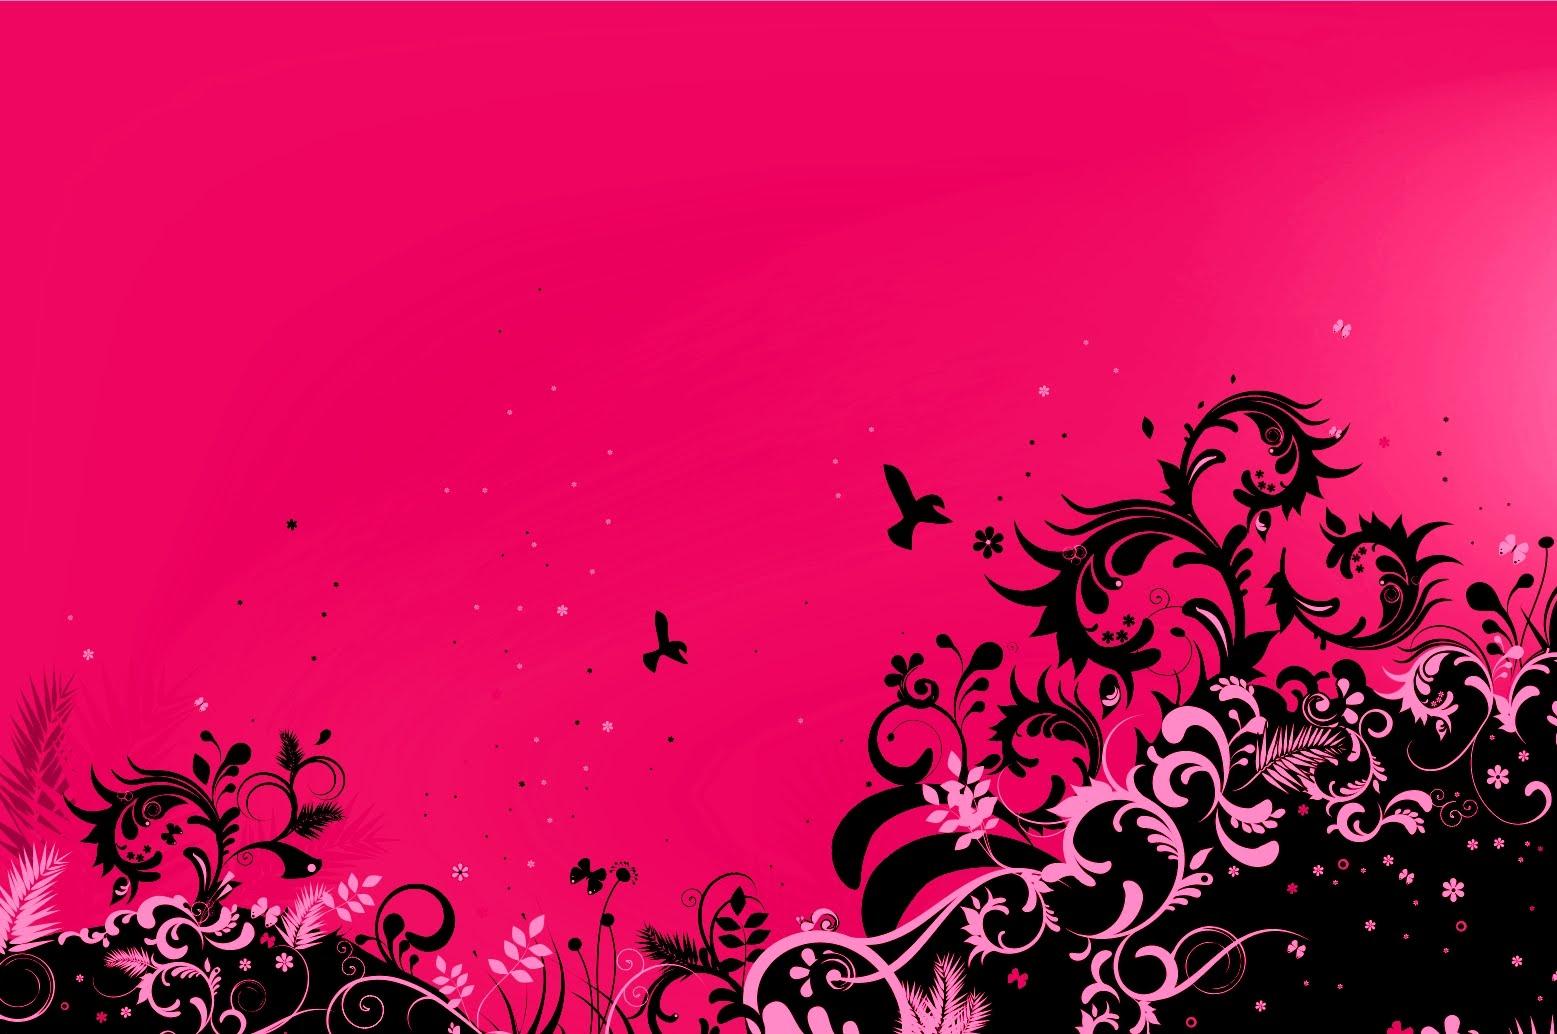 [49+] Cute Pink Heart Wallpaper on WallpaperSafari |Black And Pink Wallpaper Design